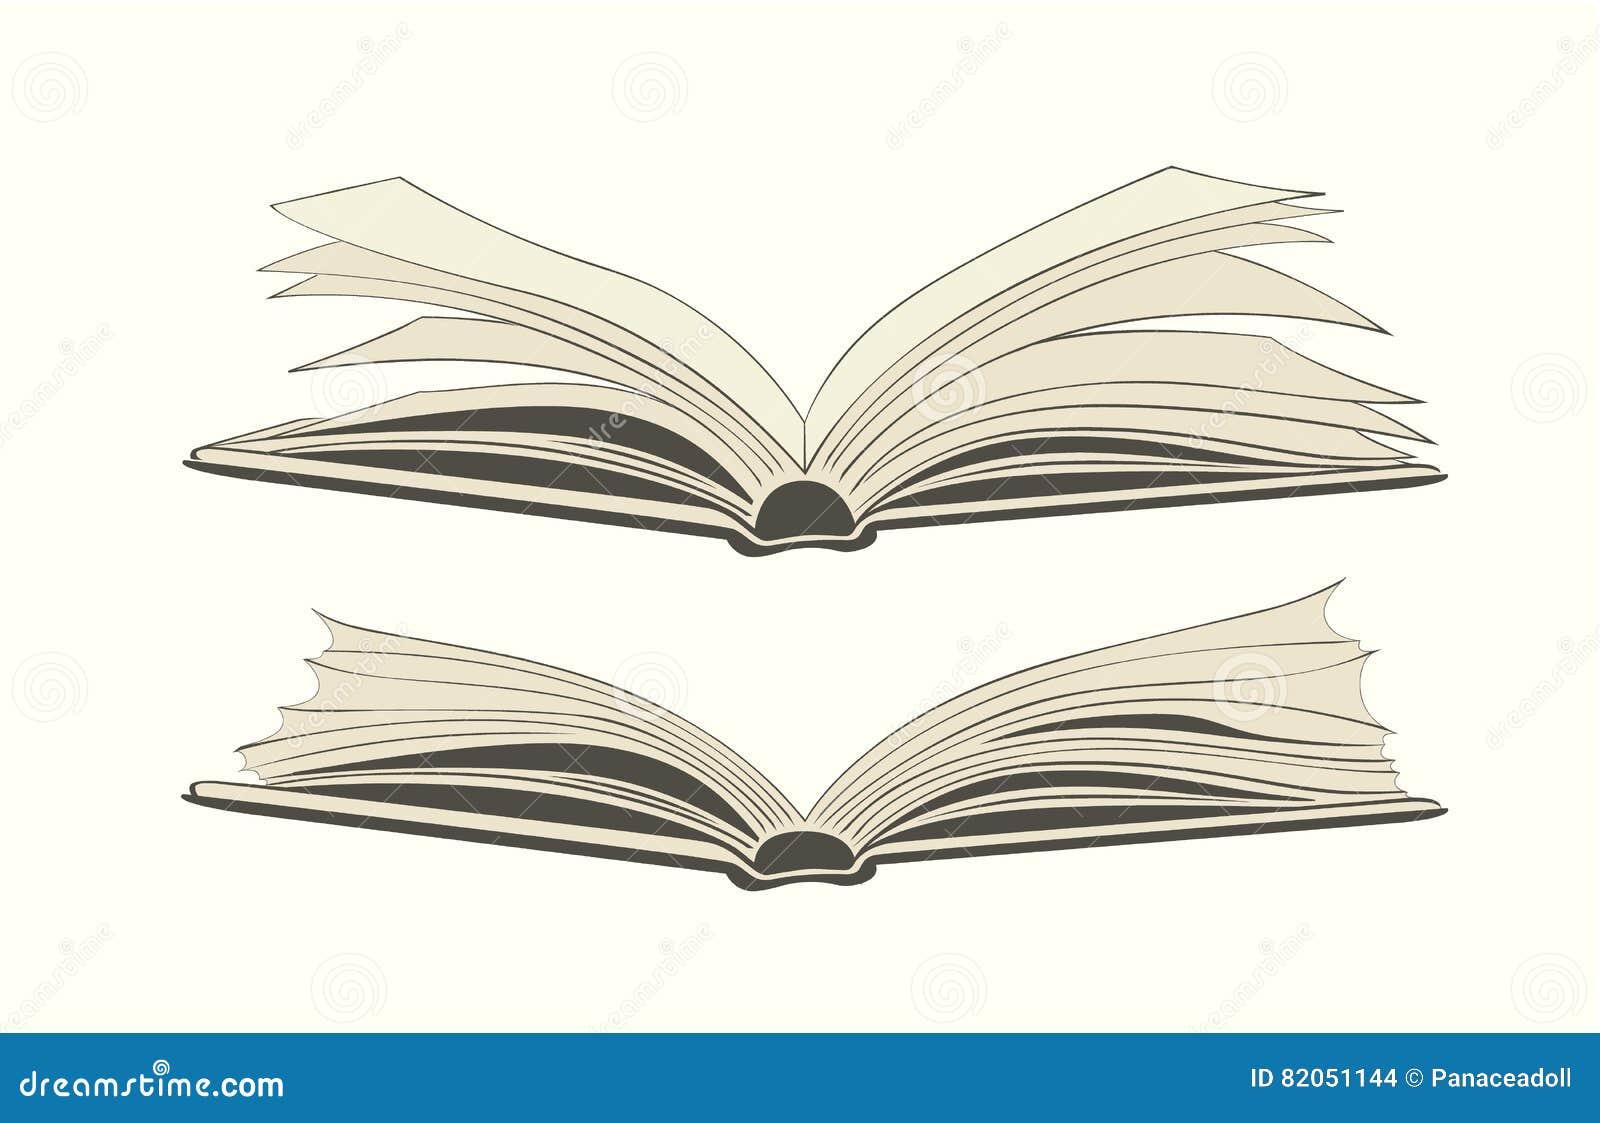 Dessin D Un Livre Ouvert Illustration De Vecteur